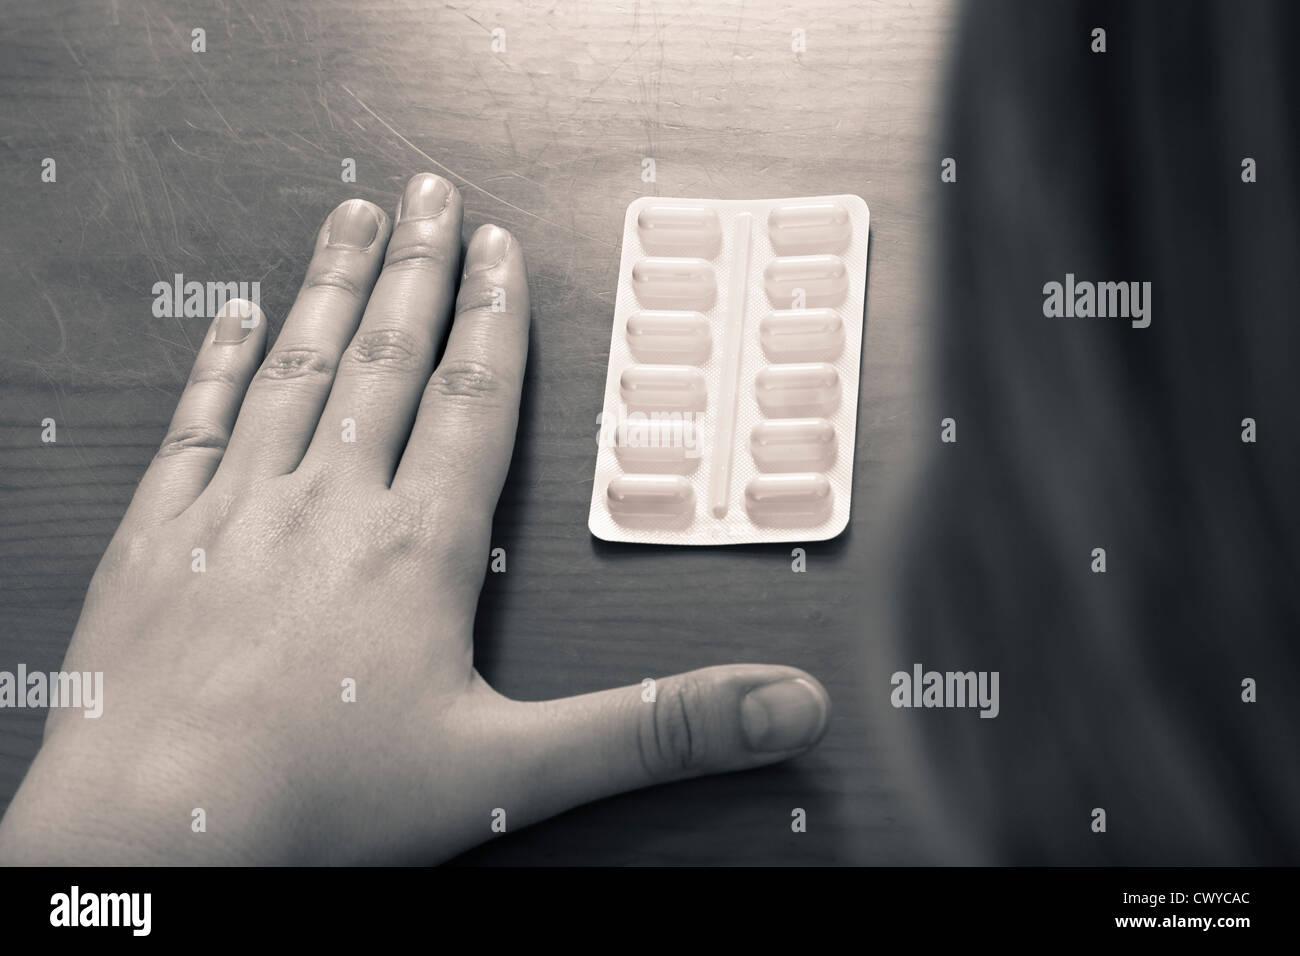 Foto drammatica della mano femminile e pillole, medicina tossicodipendenze concetto. Immagini Stock